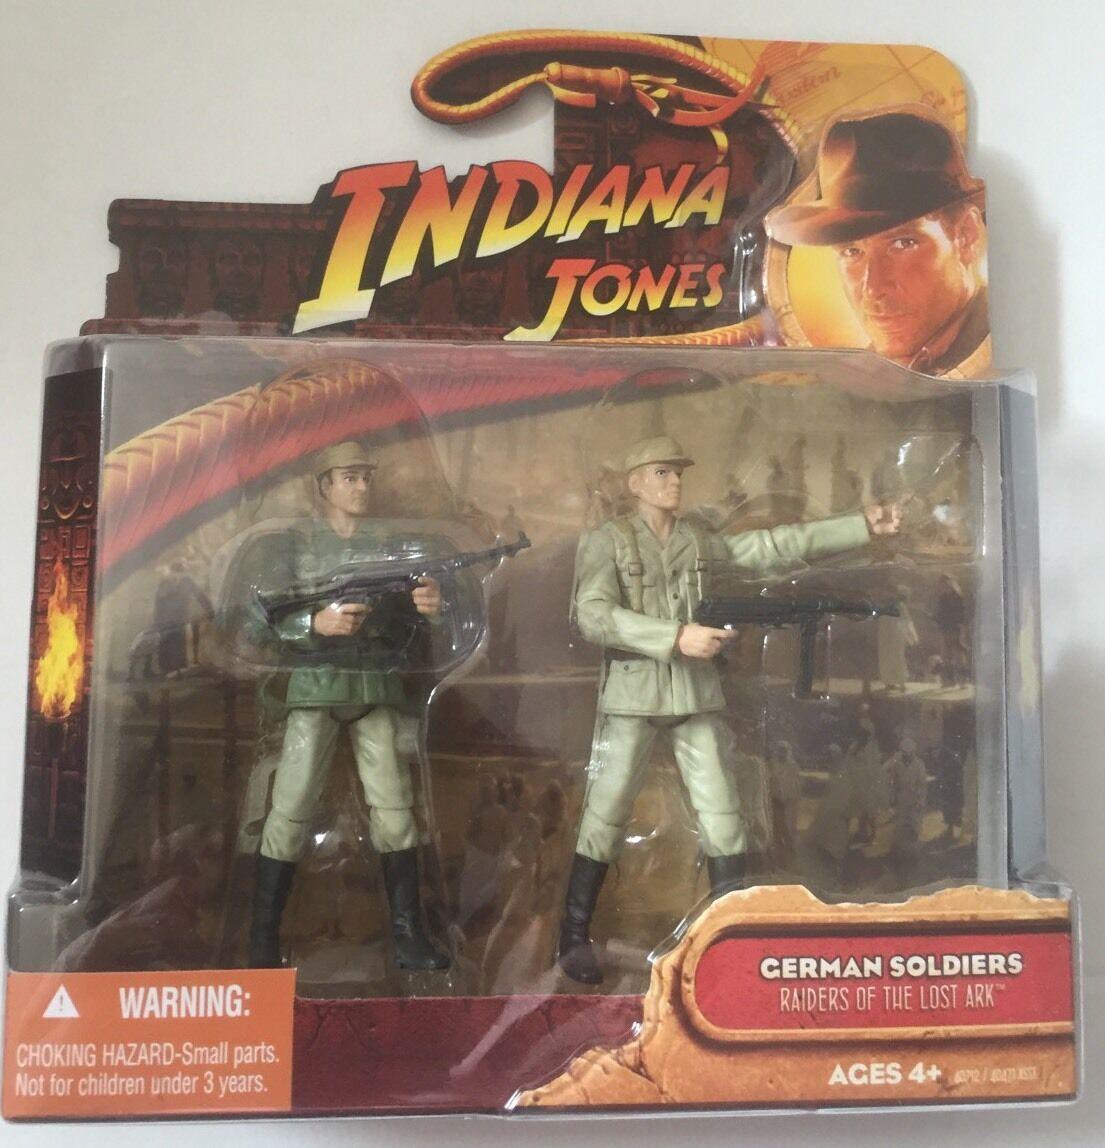 Indiana jones action - figur von zwei deutschen soldaten aus dem götzen 3,75  groß